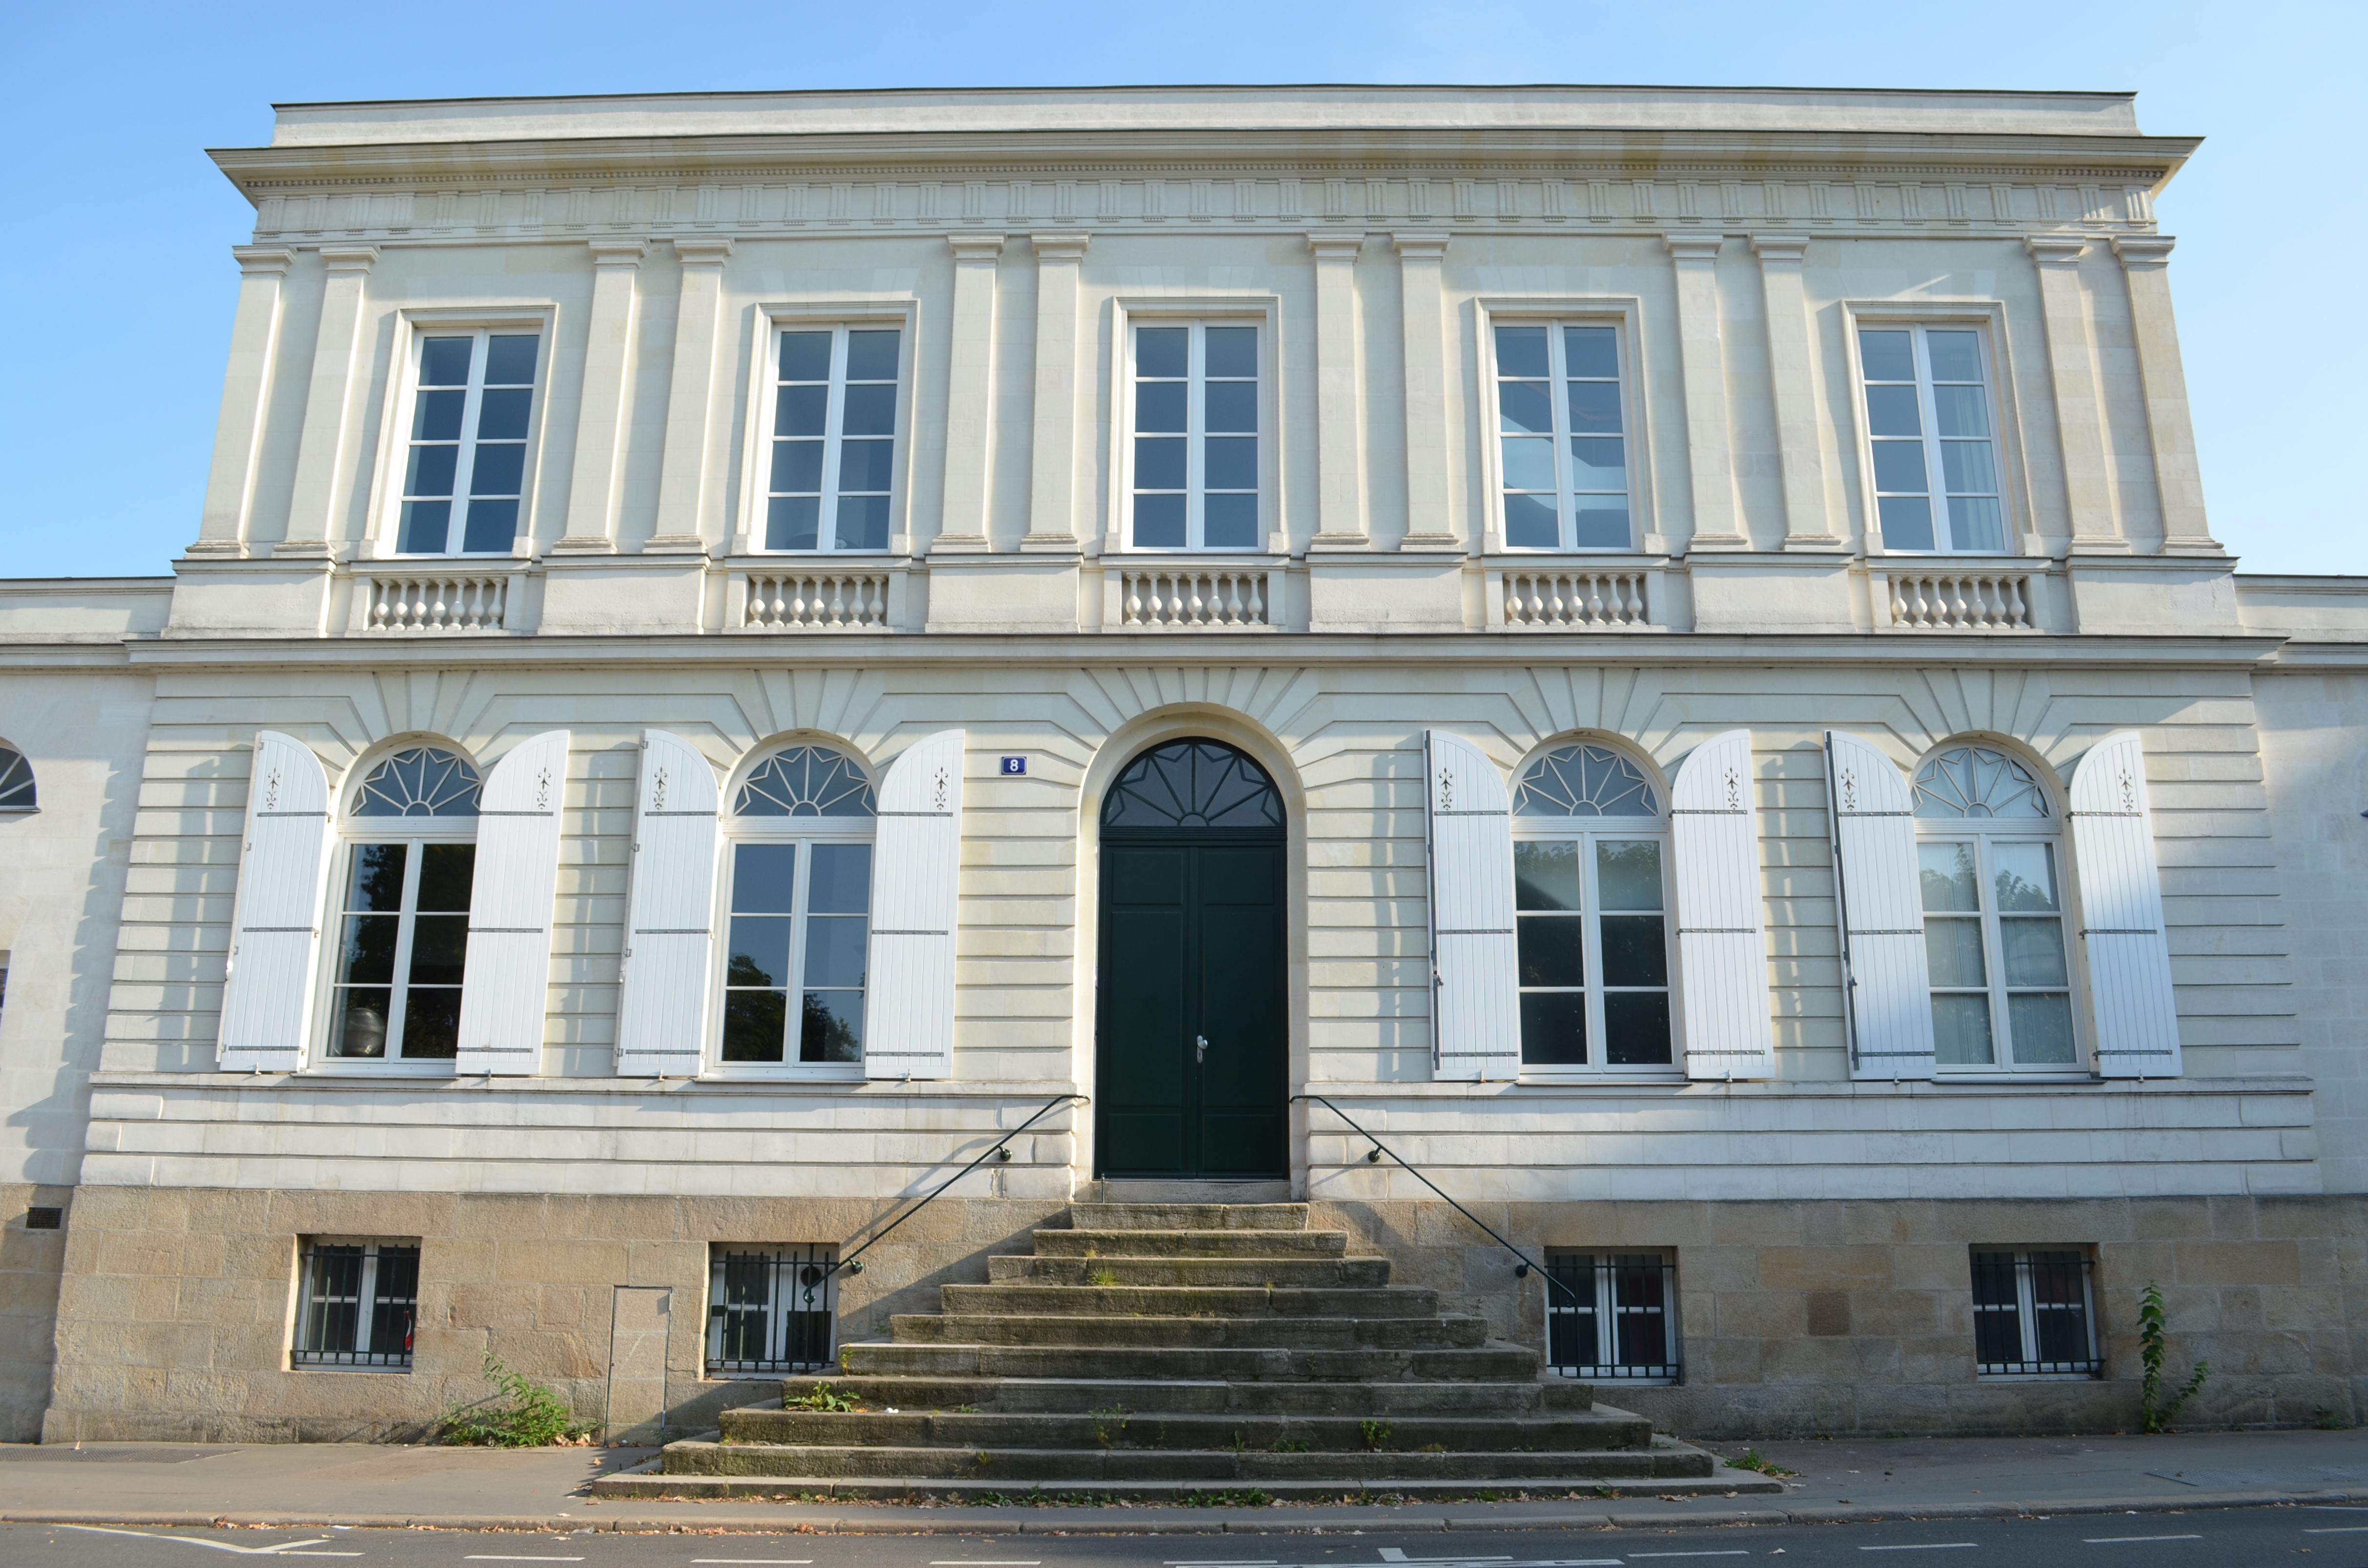 Hôtel particulier au 8, place du Général-Mellinet de Nantes - Wikiwand